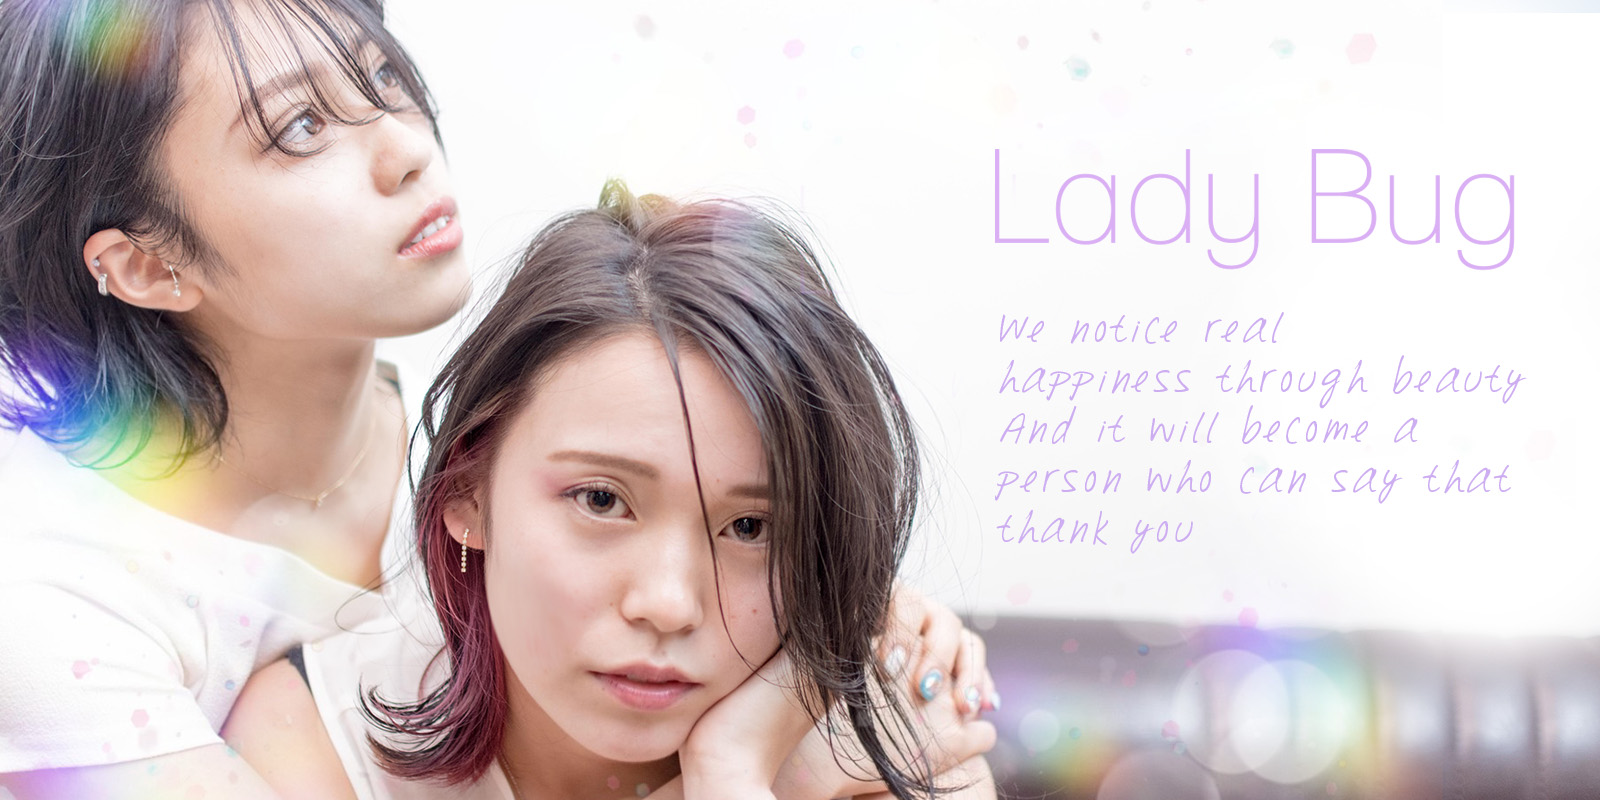 奈良 美容室HAIR DO LADY BUG 【美容室:レディバグ】 国道24号線 奈良県田原本町